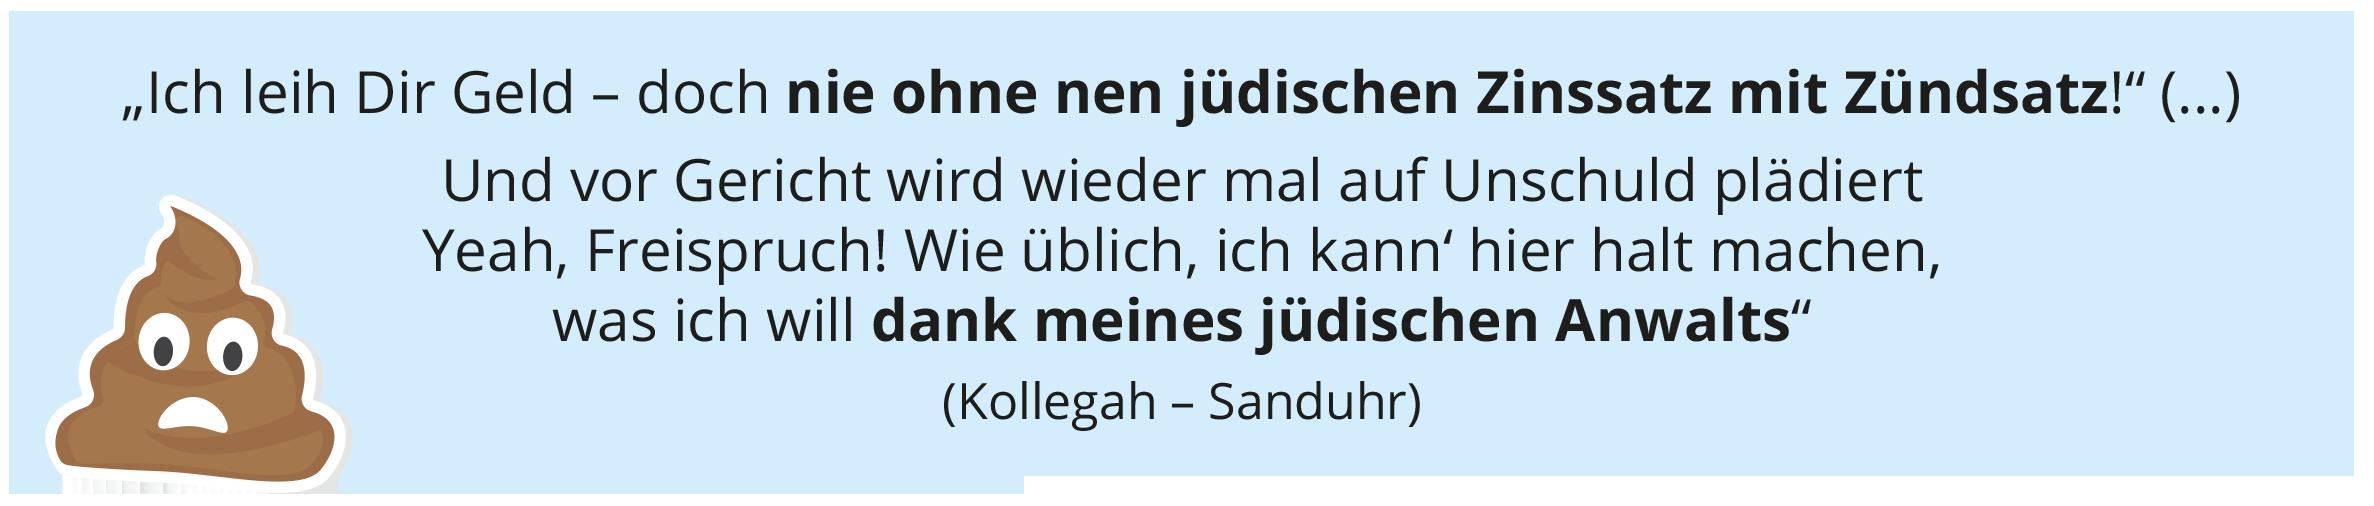 """""""Ich leih Dir Geld – doch nie ohne nen jüdischen Zinssatz mit Zündsatz!"""" (...) Und vor Gericht wird wieder mal auf Unschuld plädiert Yeah, Freispruch! Wie üblich, ich kann' hier halt machen, was ich will dank meines jüdischen Anwalts"""" (Kollegah – Sanduhr)"""